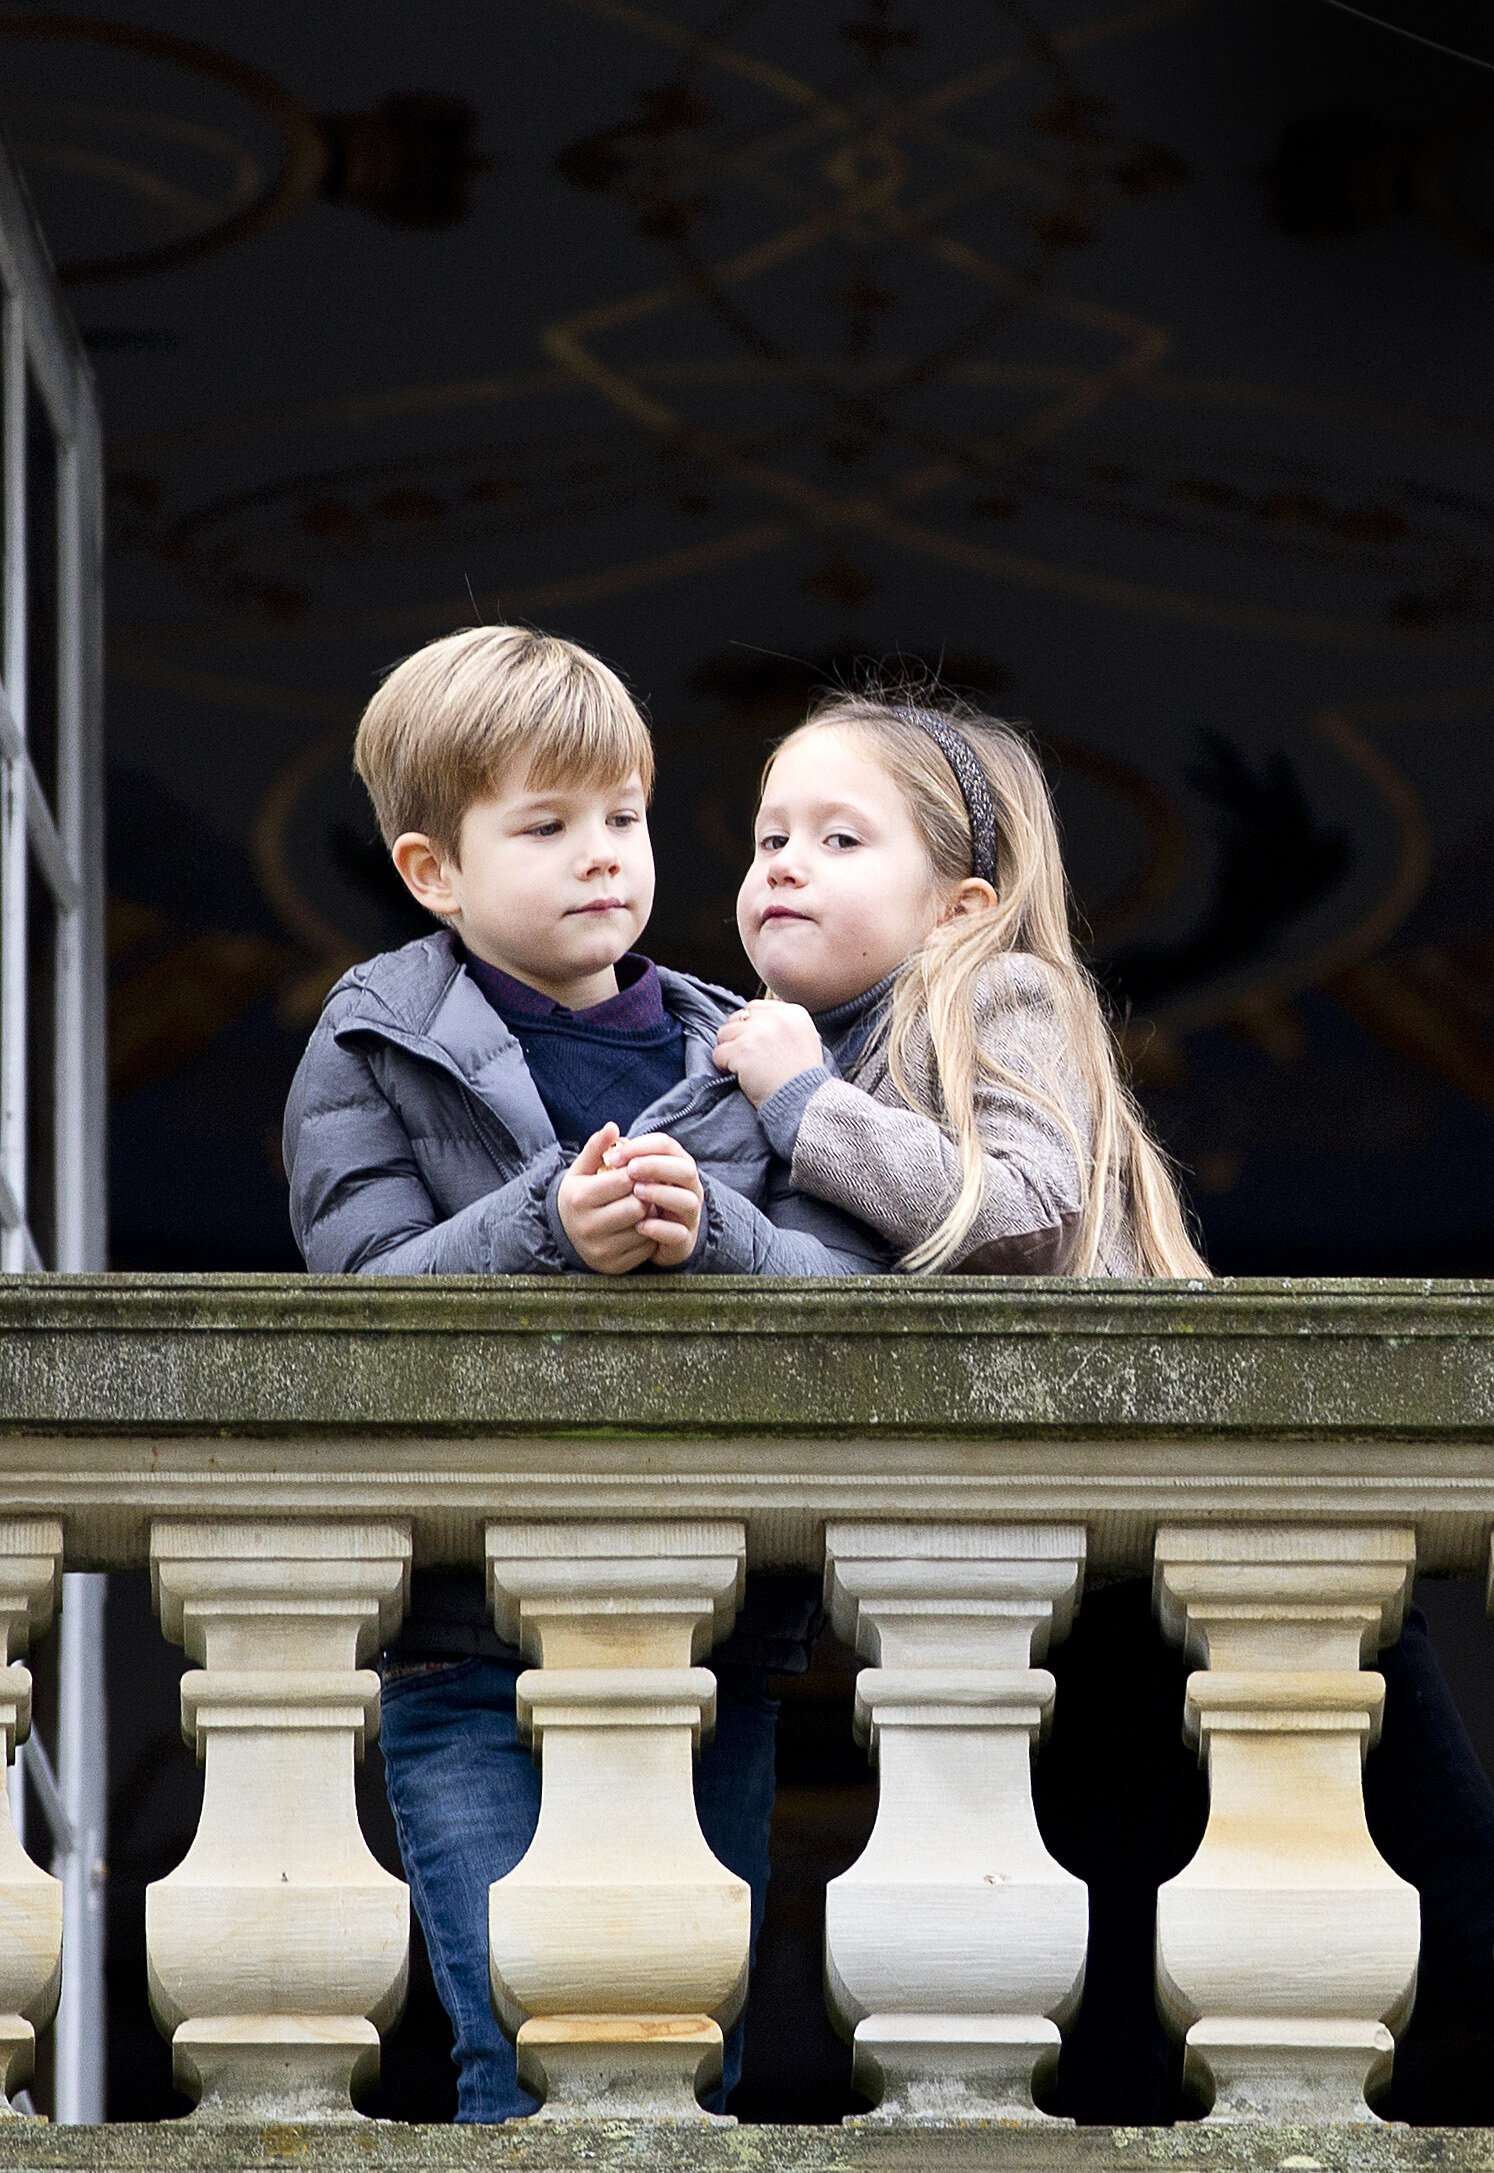 Prinz Vincent und Prinzessin Josephine sind die Zwillinge von Kronprinzessin Mary und Kronprinz Frederik von Dänemark. © dpa